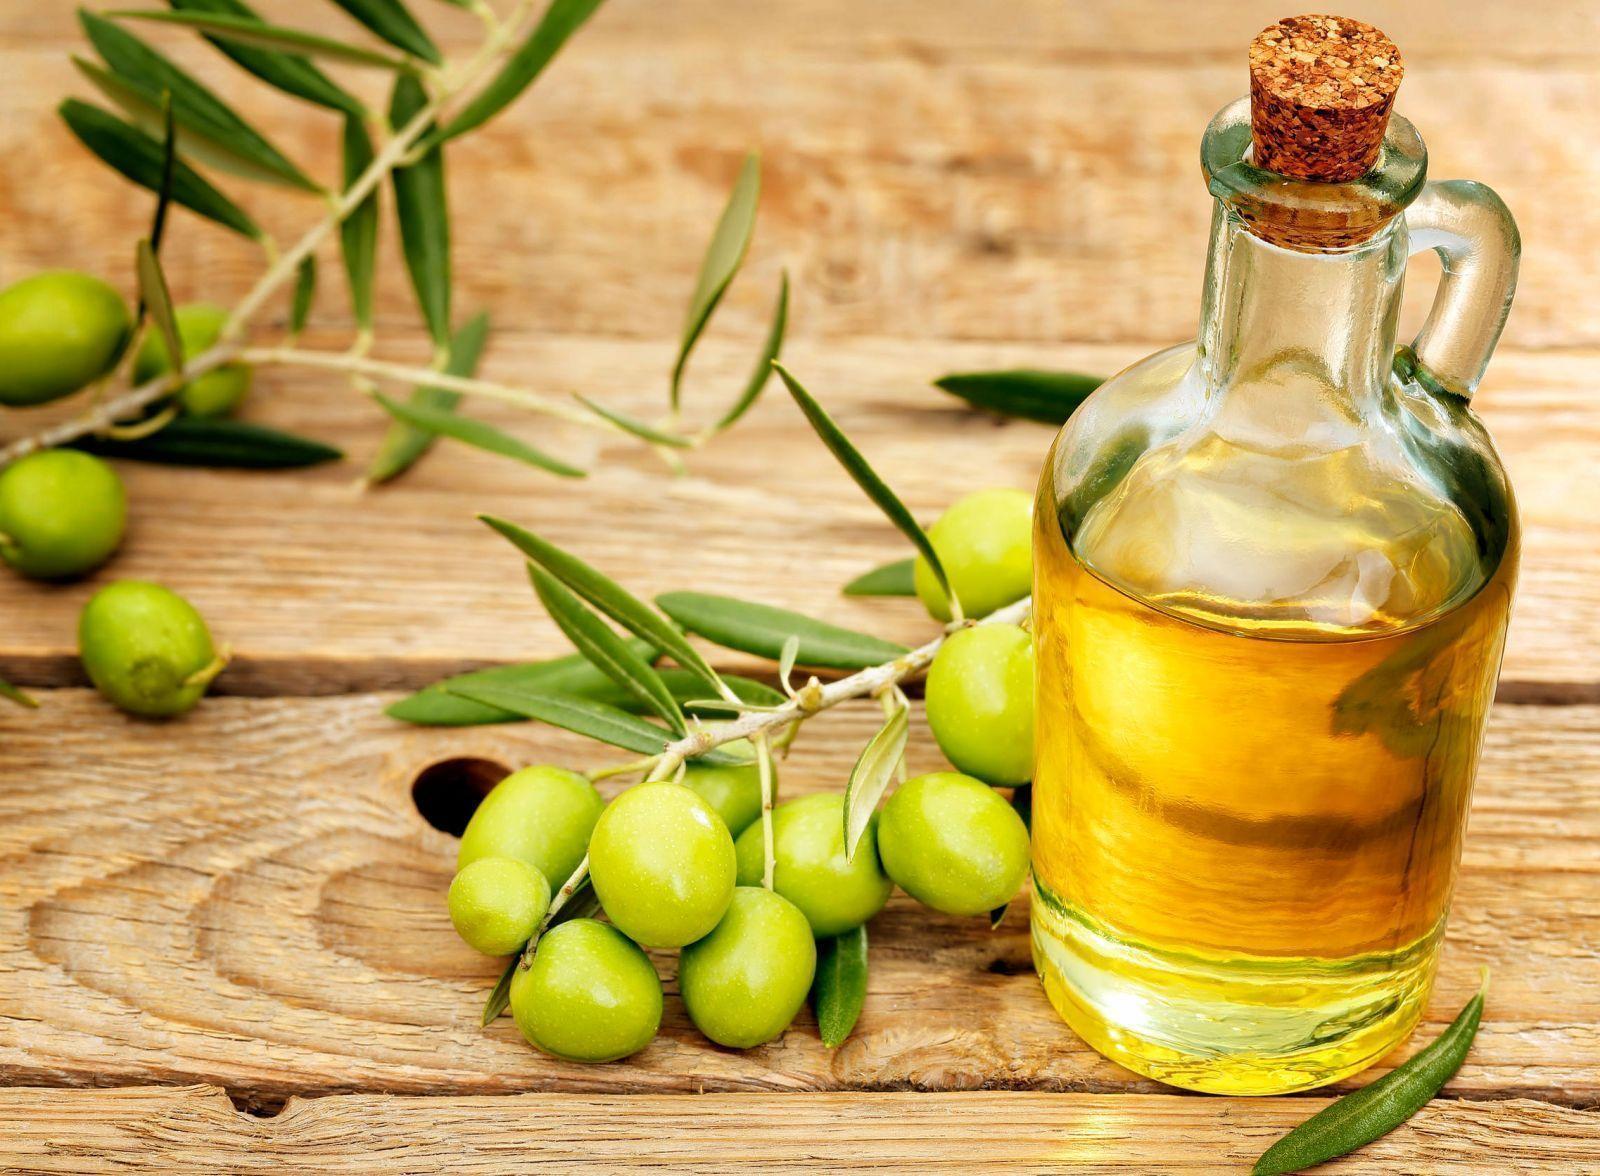 Оливковое масло натощак польза и вред отзывы врачей как принимать